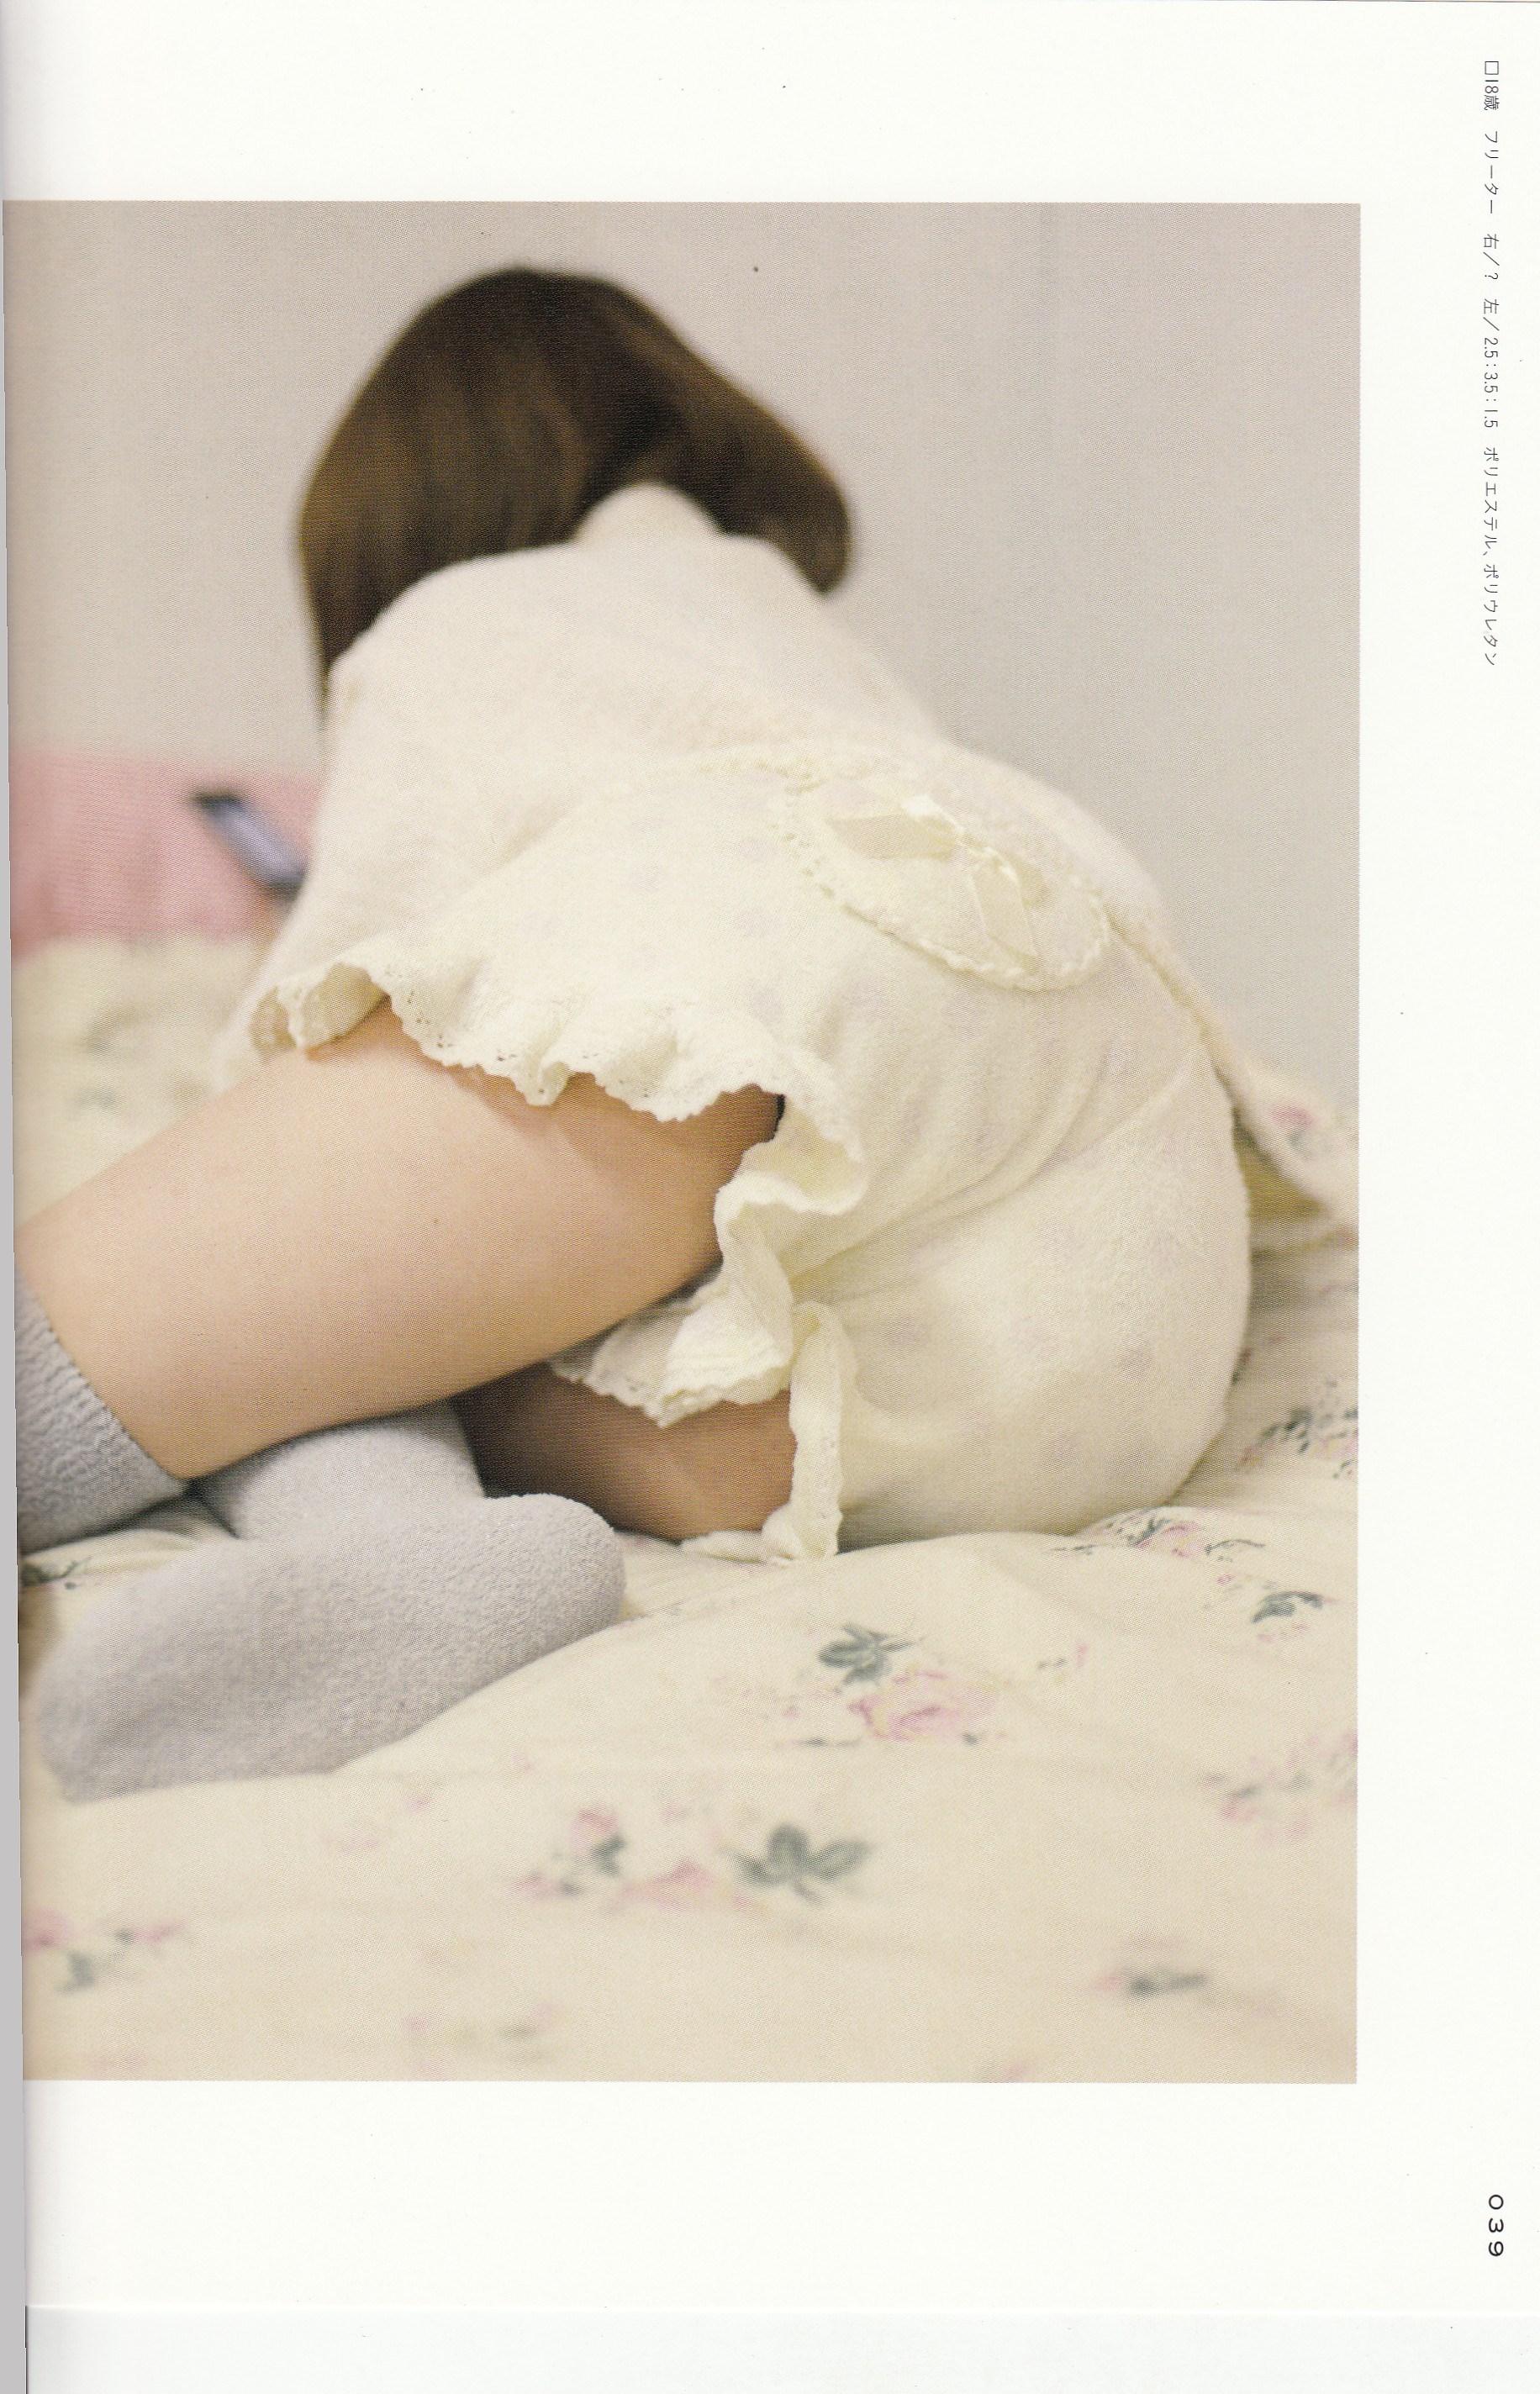 【兔玩映画】新鲜的美少女大腿 兔玩映画 第27张